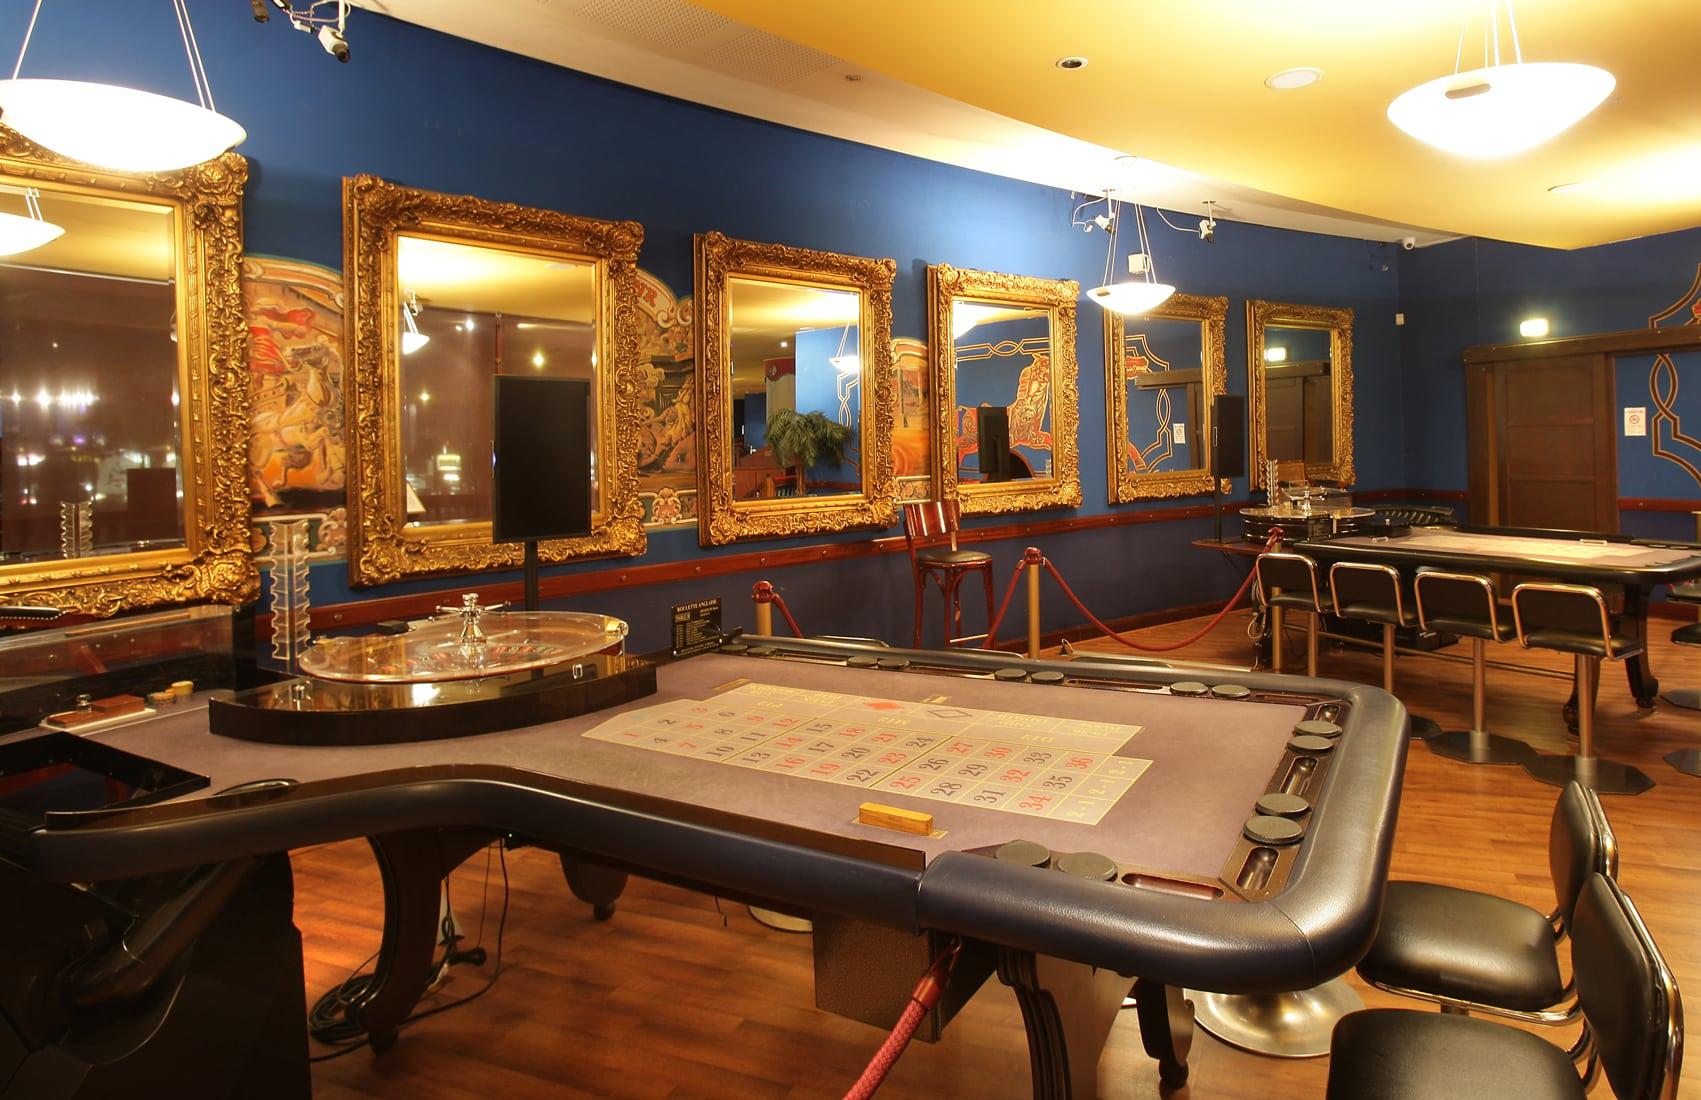 moi qui suis fan de poker j 39 adore le site. Black Bedroom Furniture Sets. Home Design Ideas